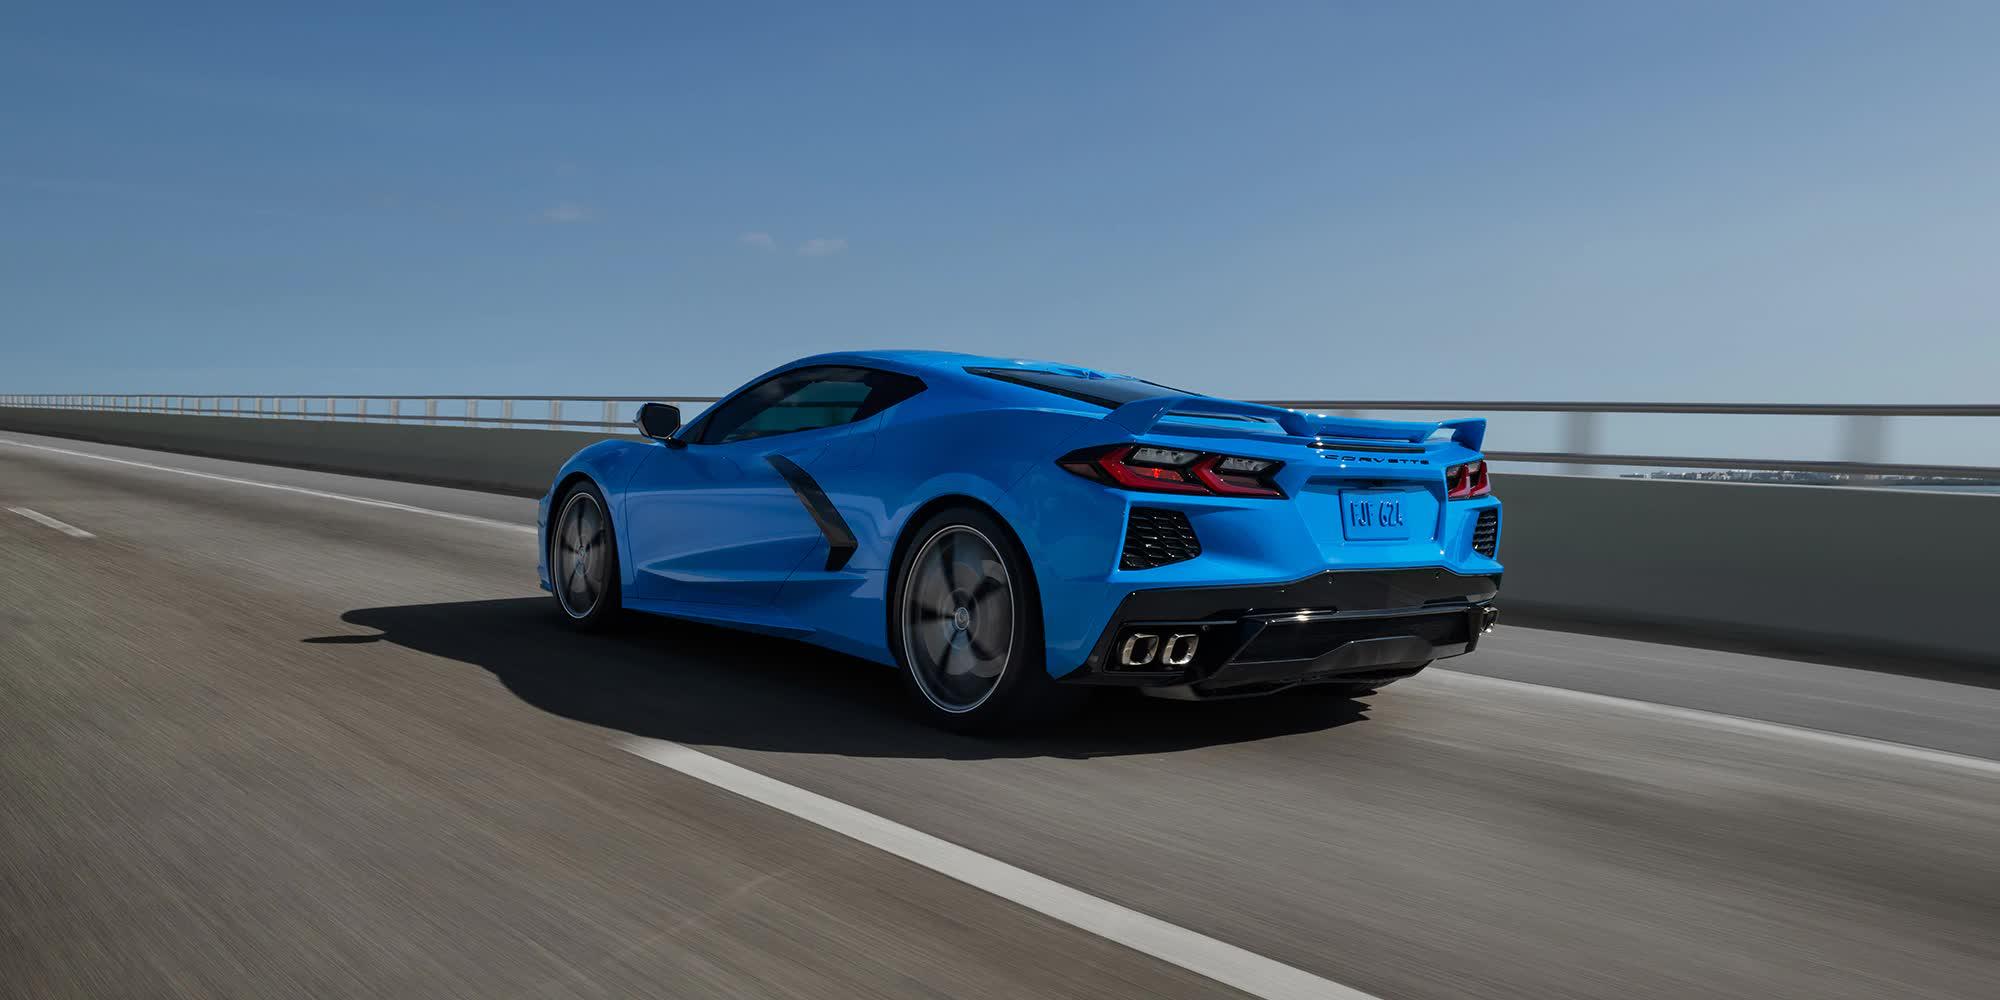 Corvette-c8-stingray-2020-blu-auto-sportiva-a-motore-centrale-disponibile-con-allestimento-coupe-e-convertible-in-esclusiva-presso-gruppo-cavauto-a-Monza.jpg